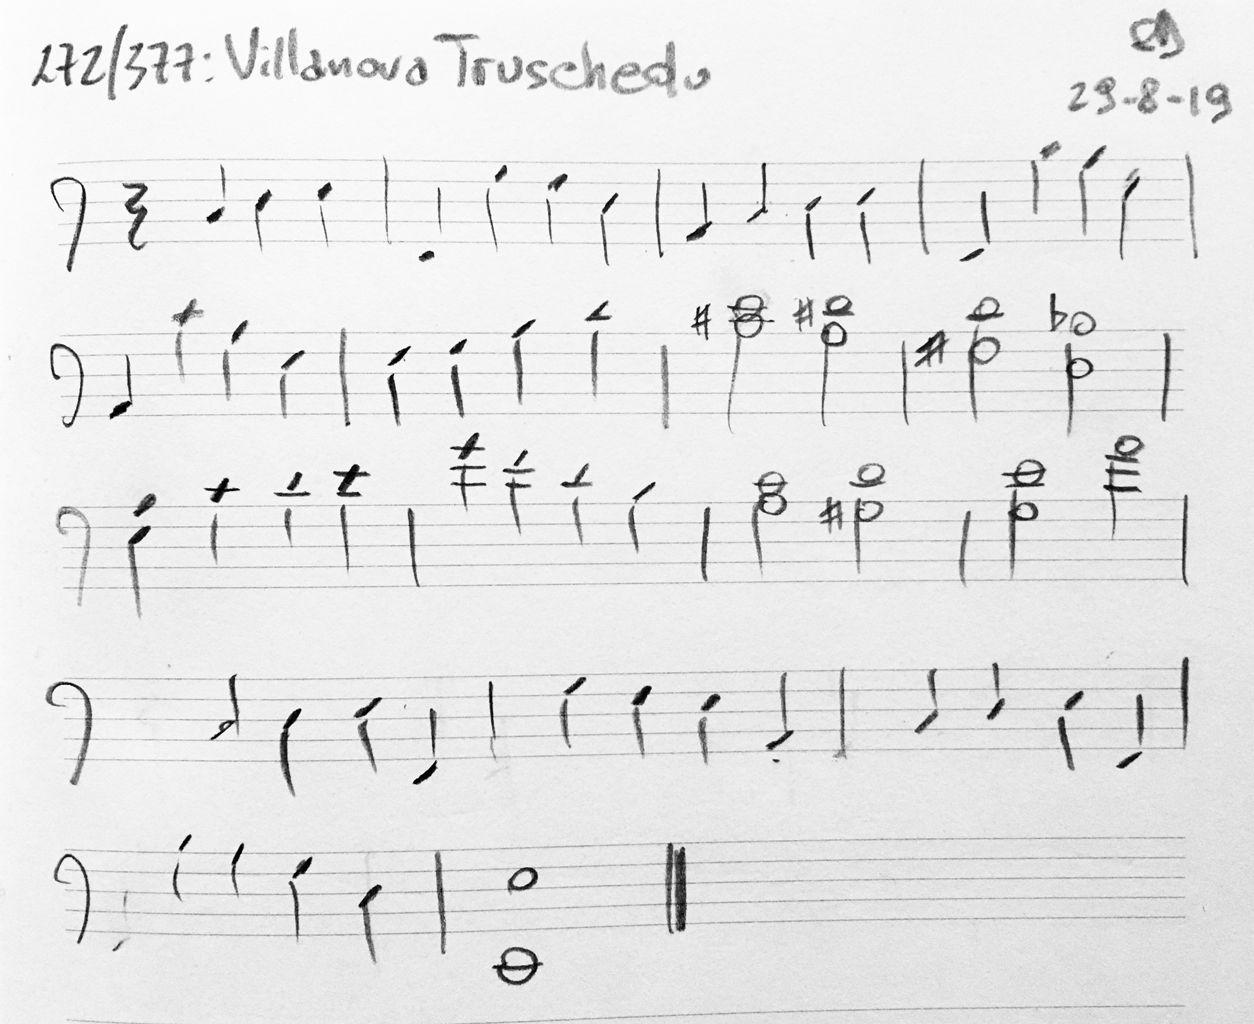 272-Villanova-Truschedu-score